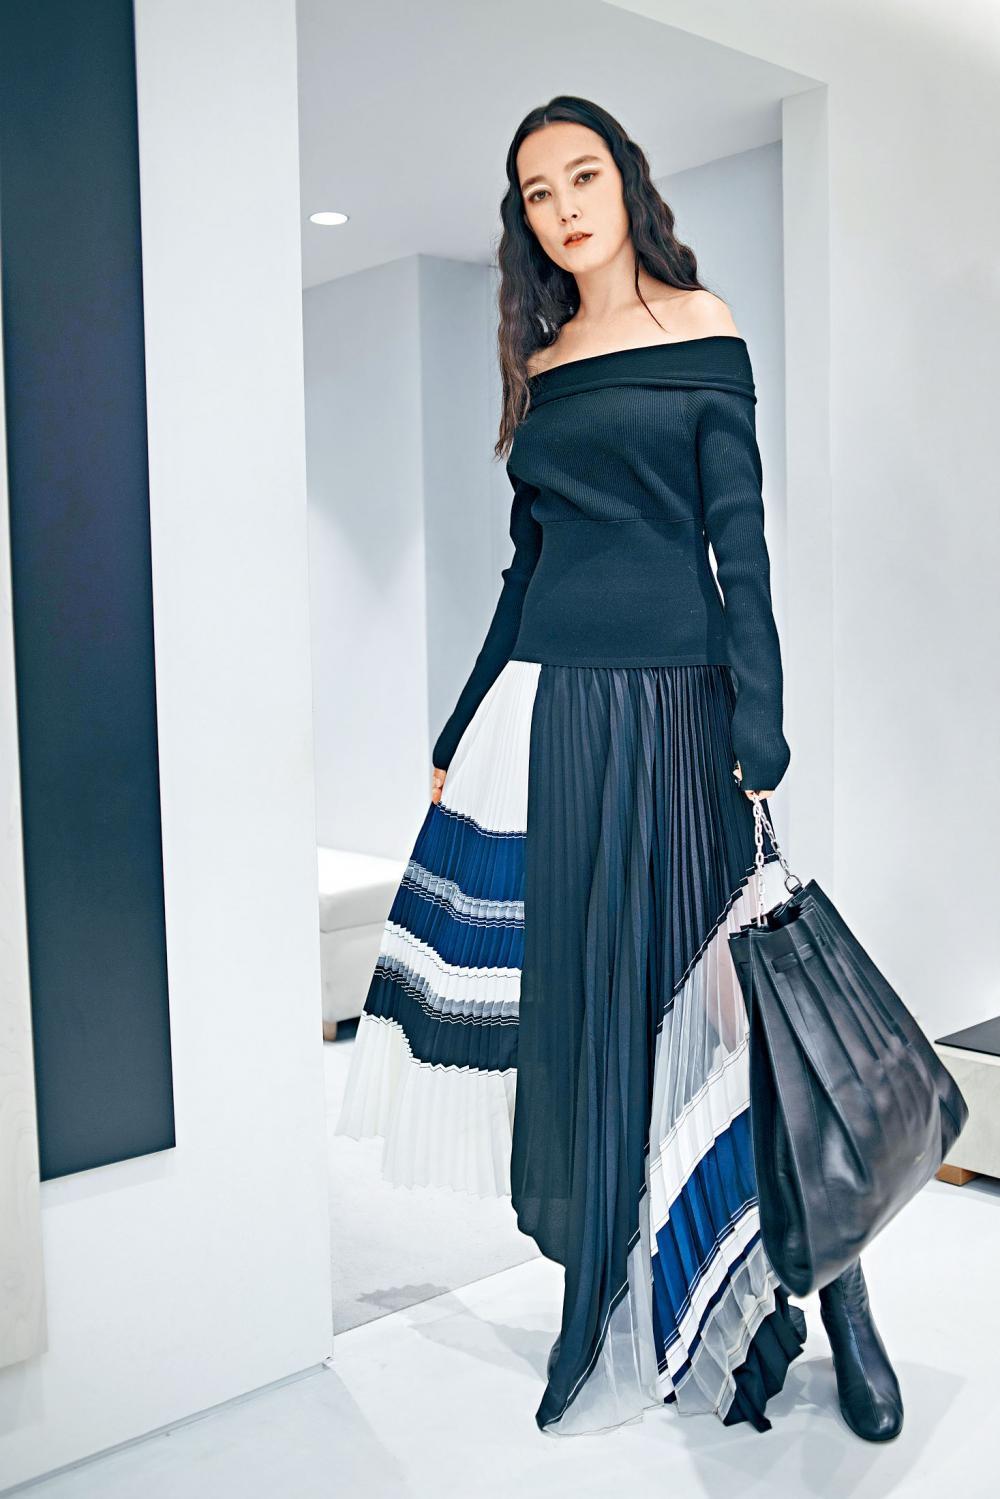 黑色露肩壓褶拼布連身裙、黑色羊仔皮高跟短靴、黑色百褶皮革手袋。